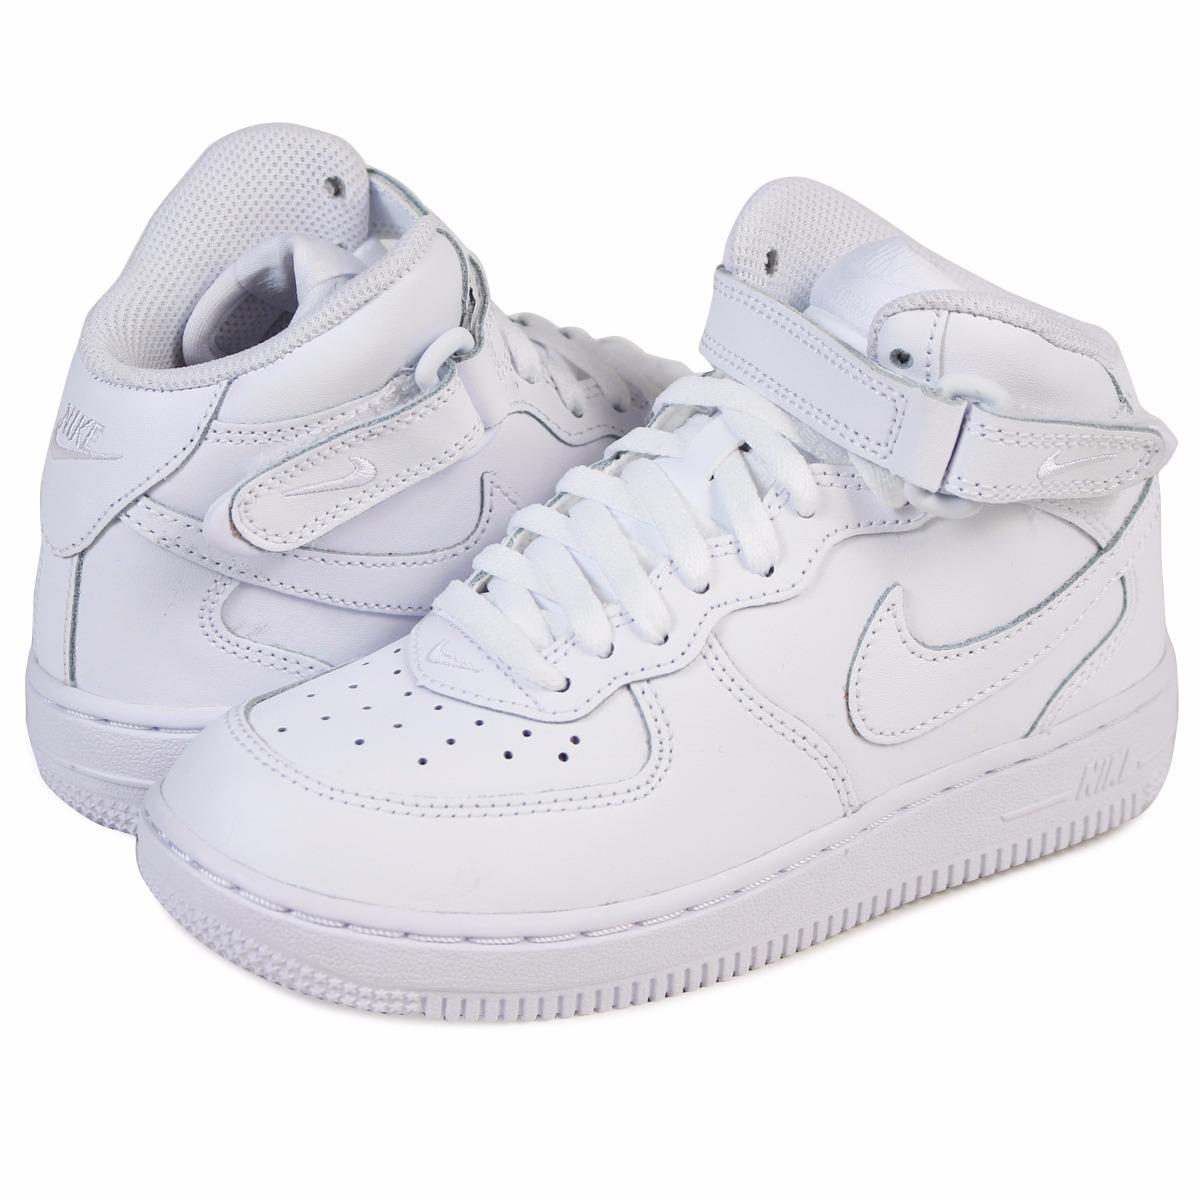 505964bae3c75 Tenis Nike Air Force One Mid Original Nuevo 314196-113 -   1